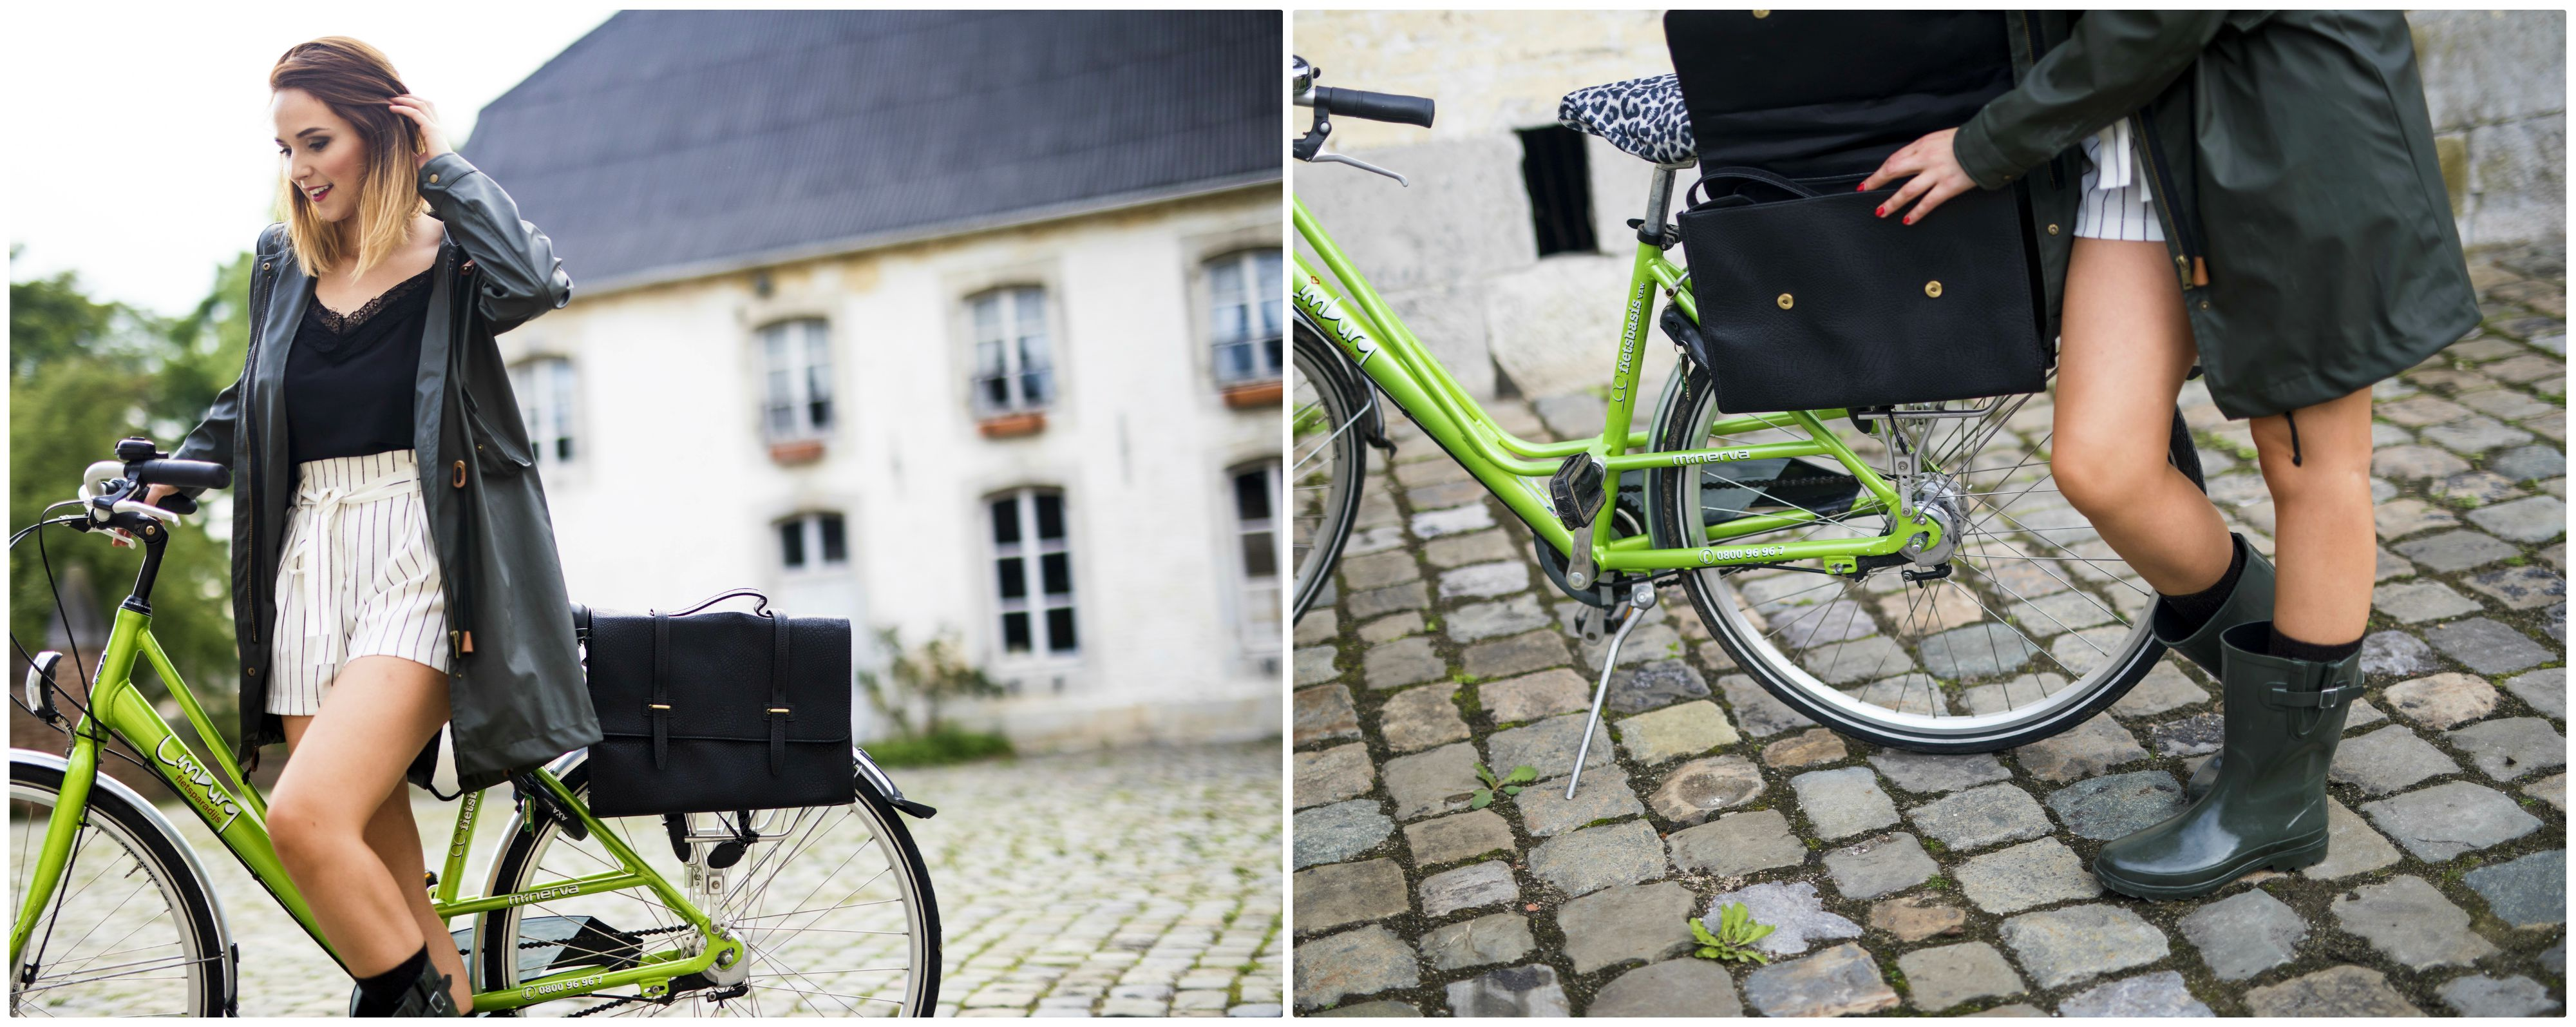 Veritas regen go out fiets collectie tas